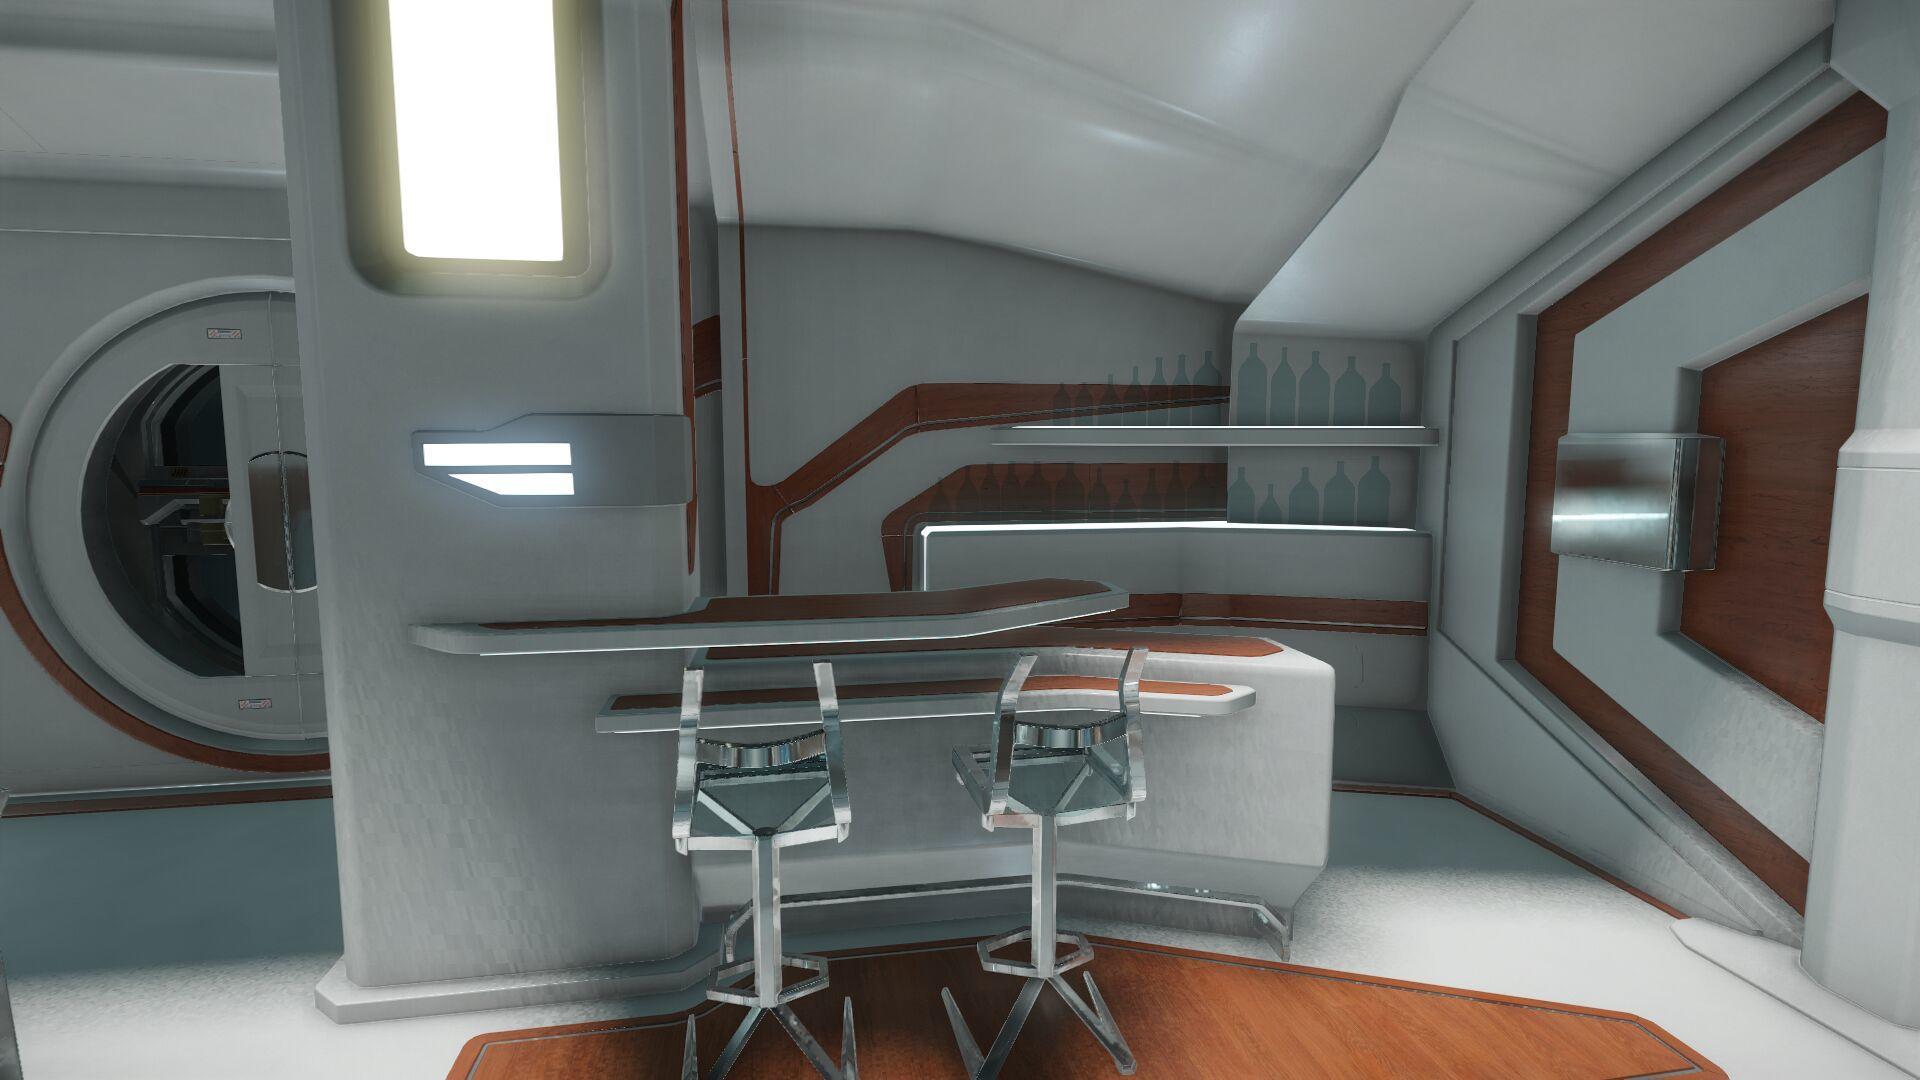 Wygląd wnętrza - główny pokład - sekcja dla gości - barek